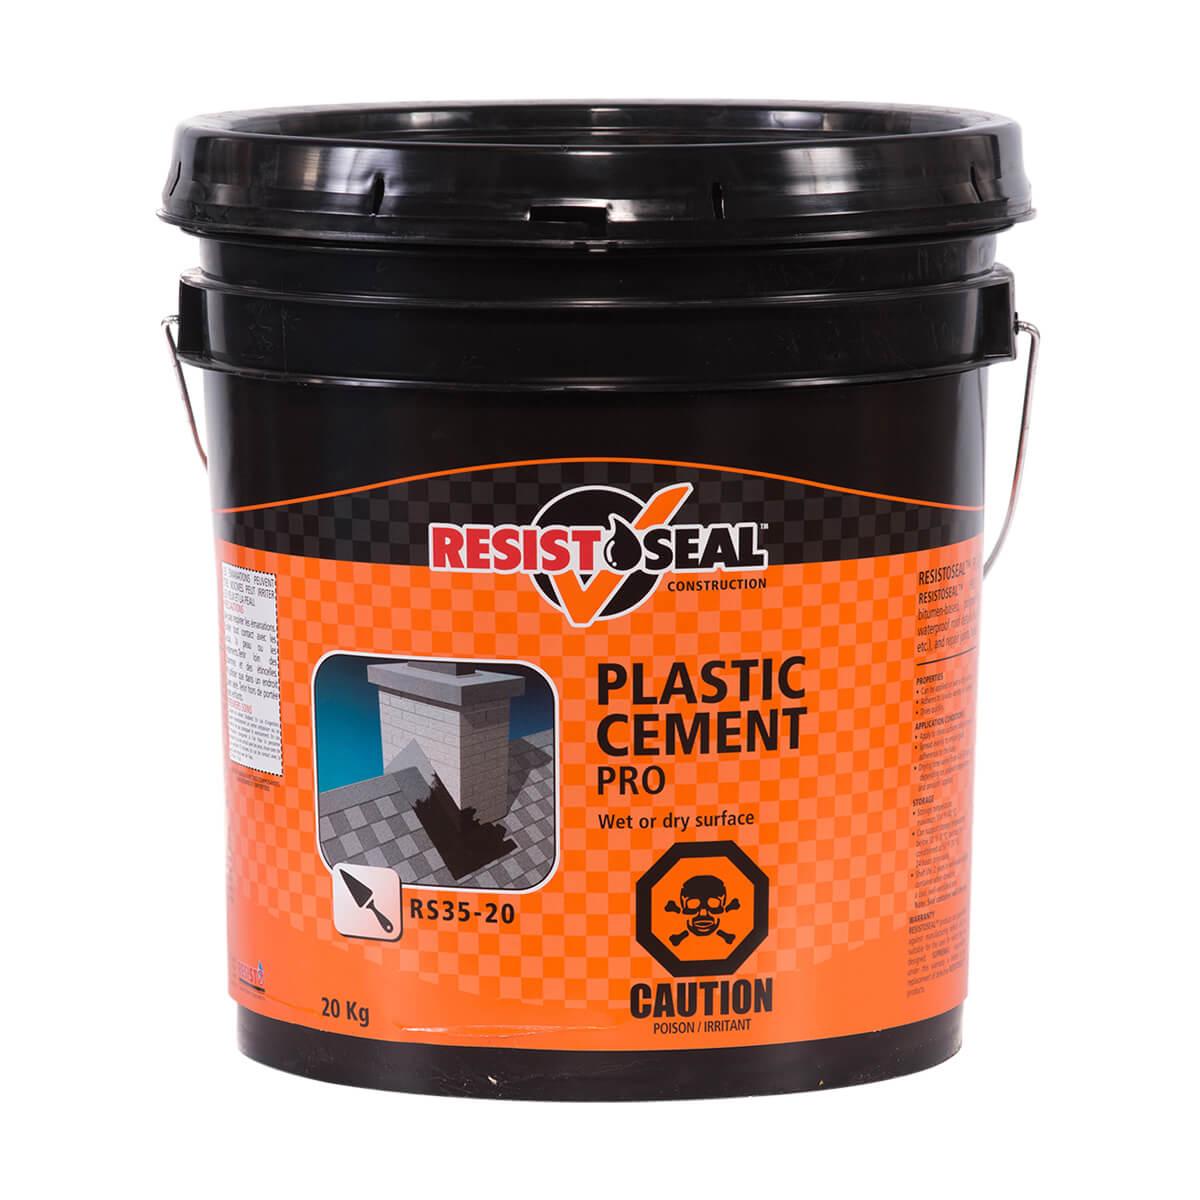 Pro Plastic Cement  - 20 kg